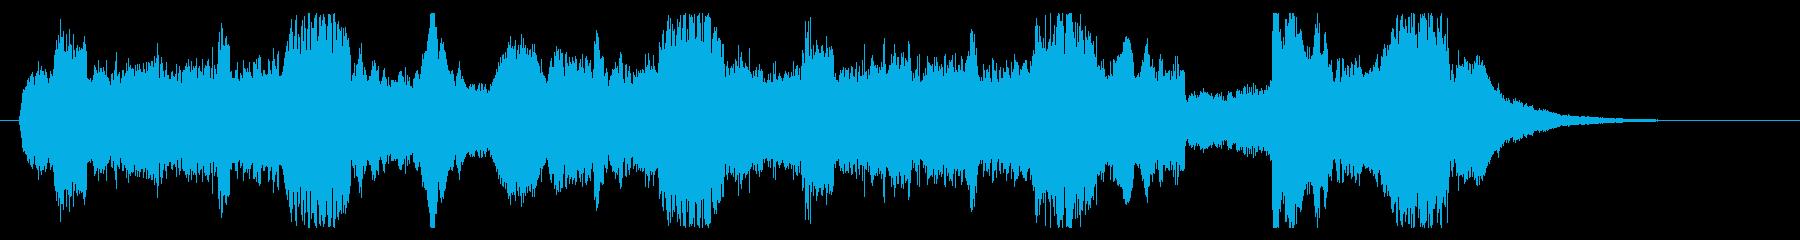 場面転換用ジングル1の再生済みの波形